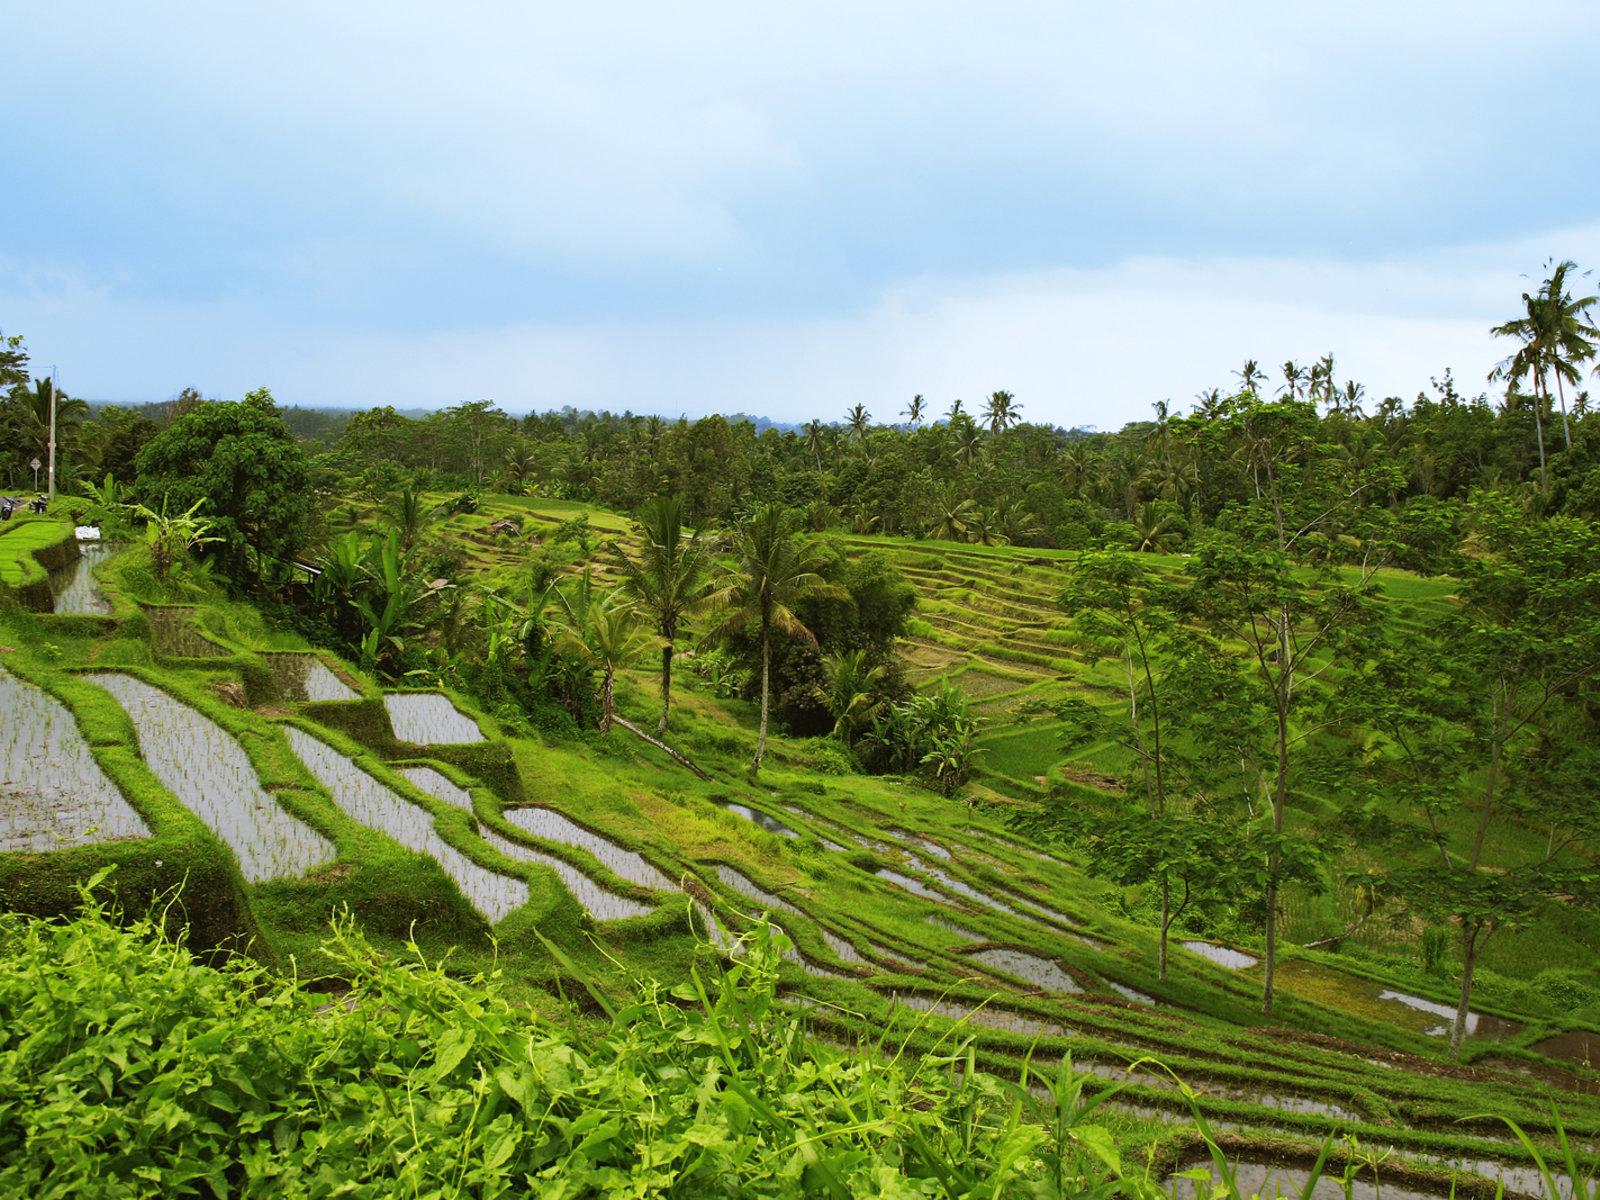 UNESCO Weltkulturerbe: Die Reisterrassen von Jatiluwih